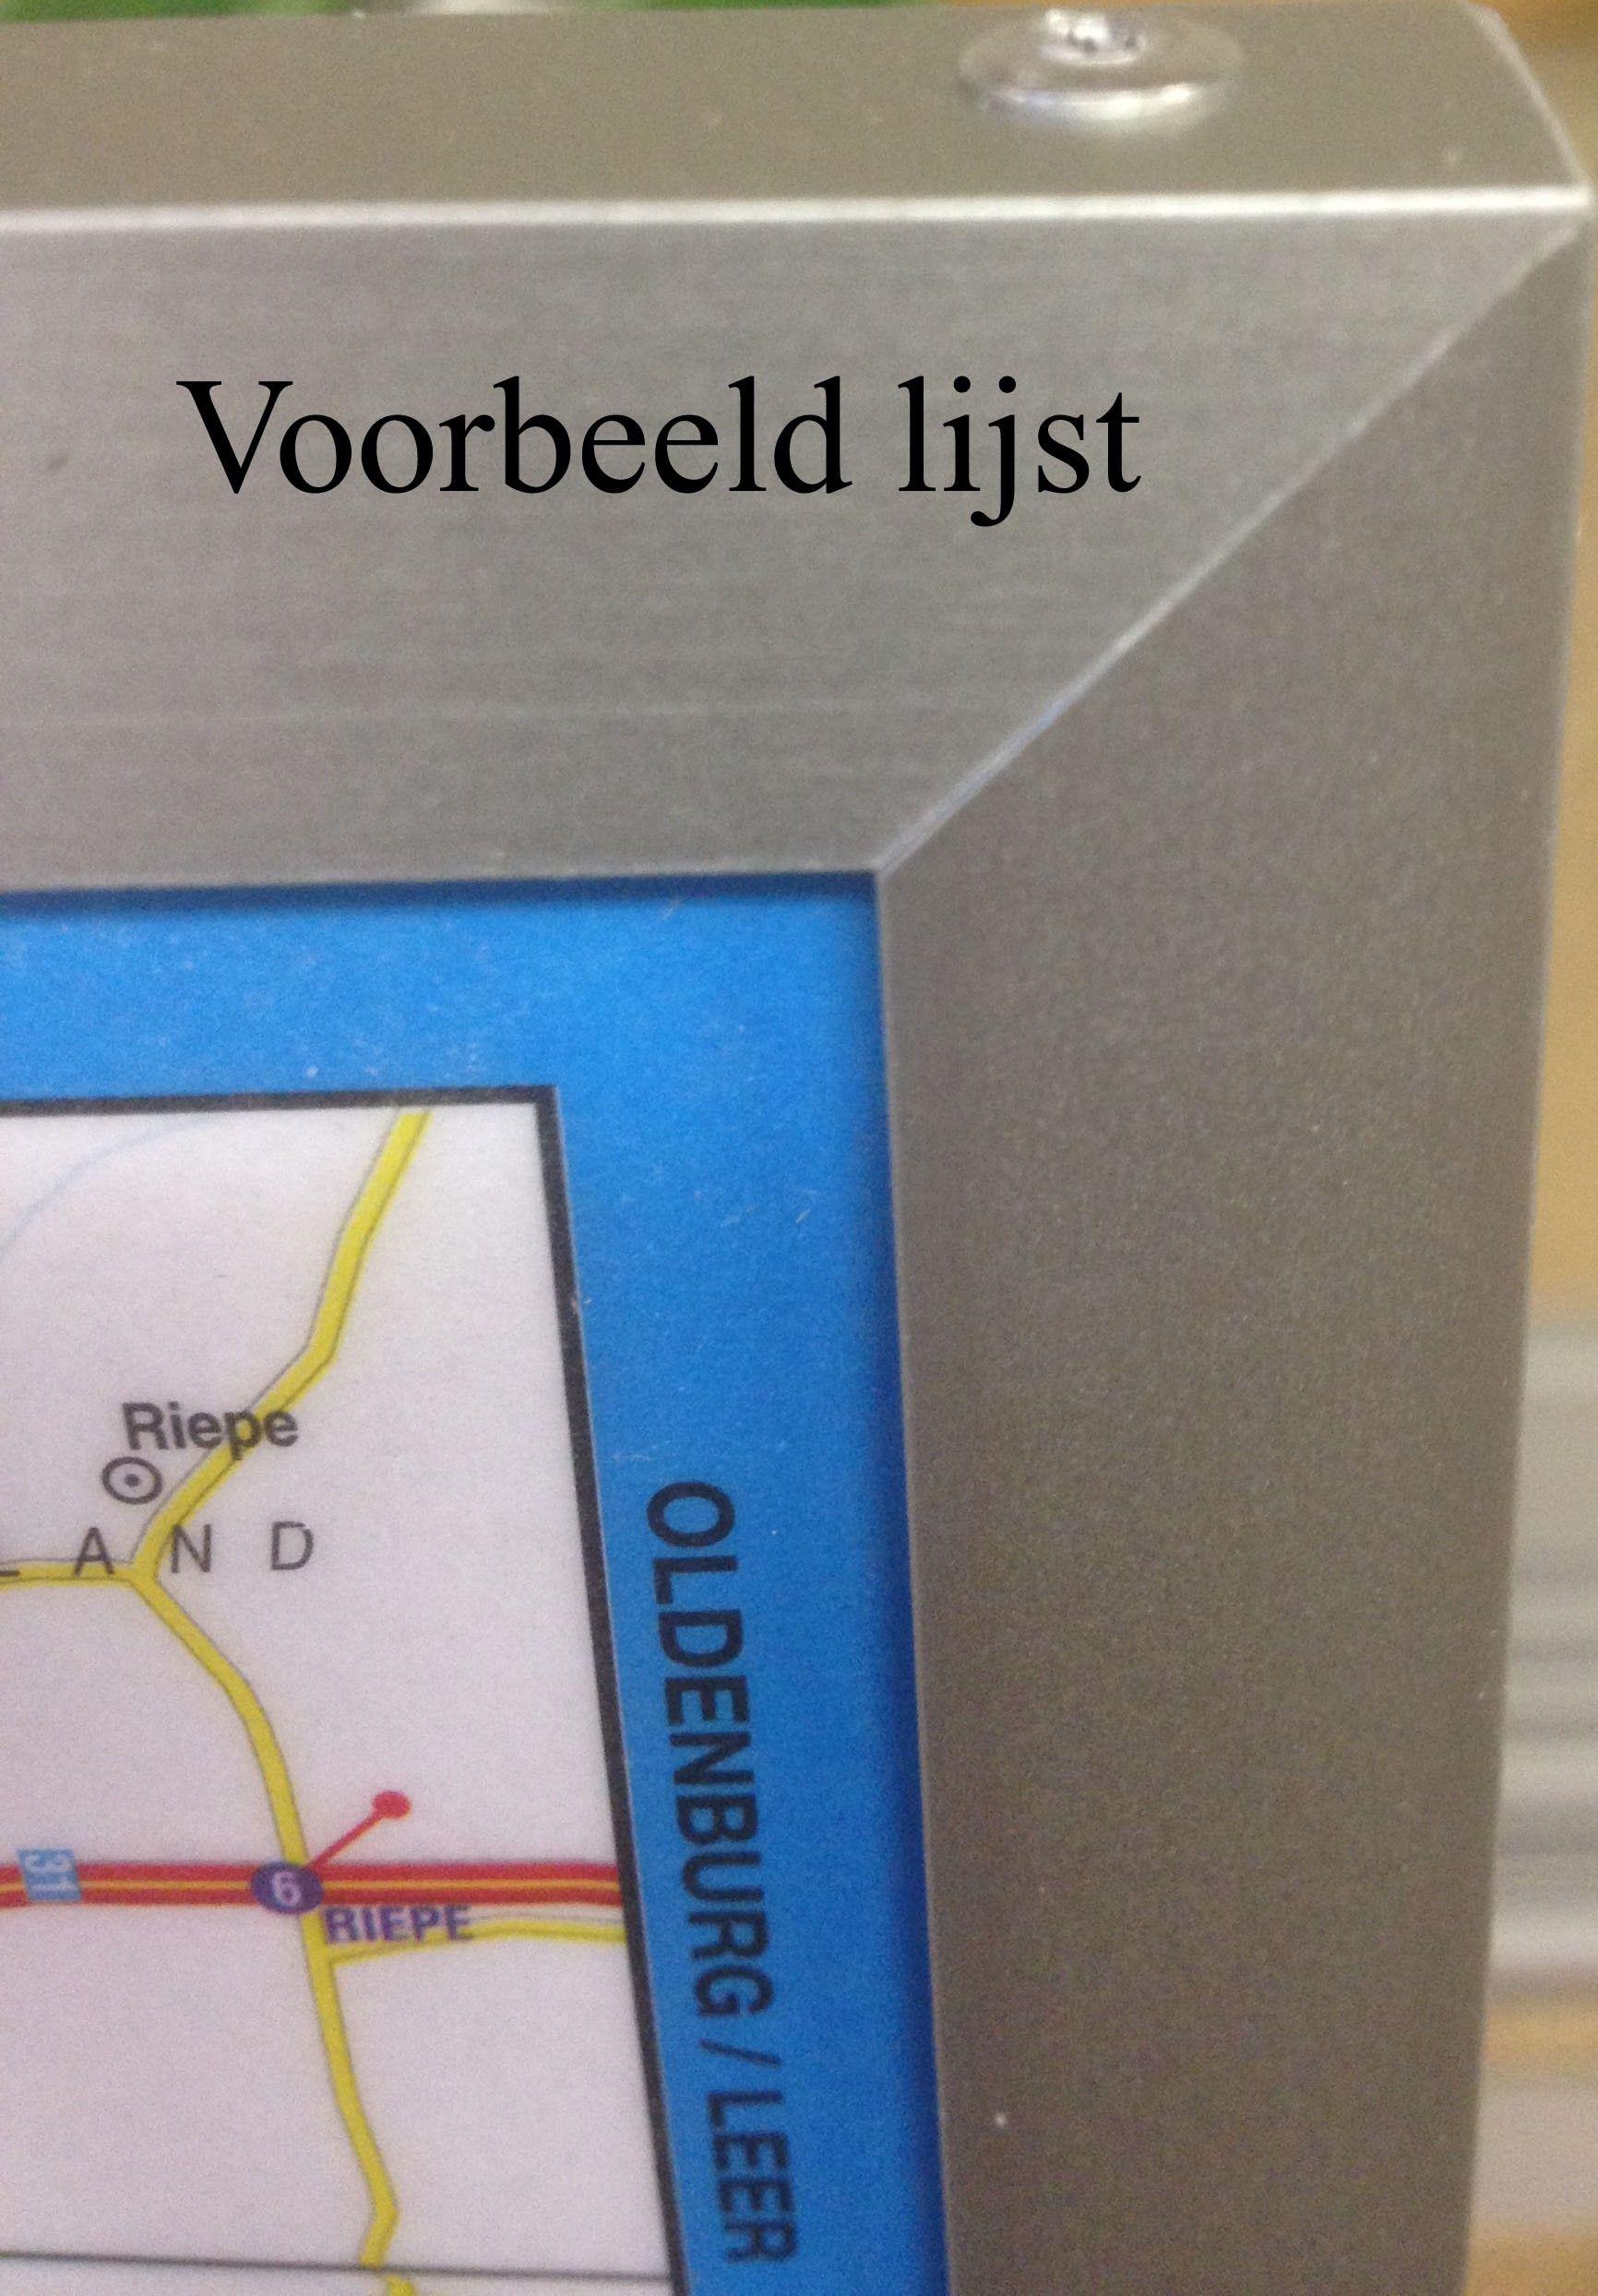 Provincie kaart Limburg